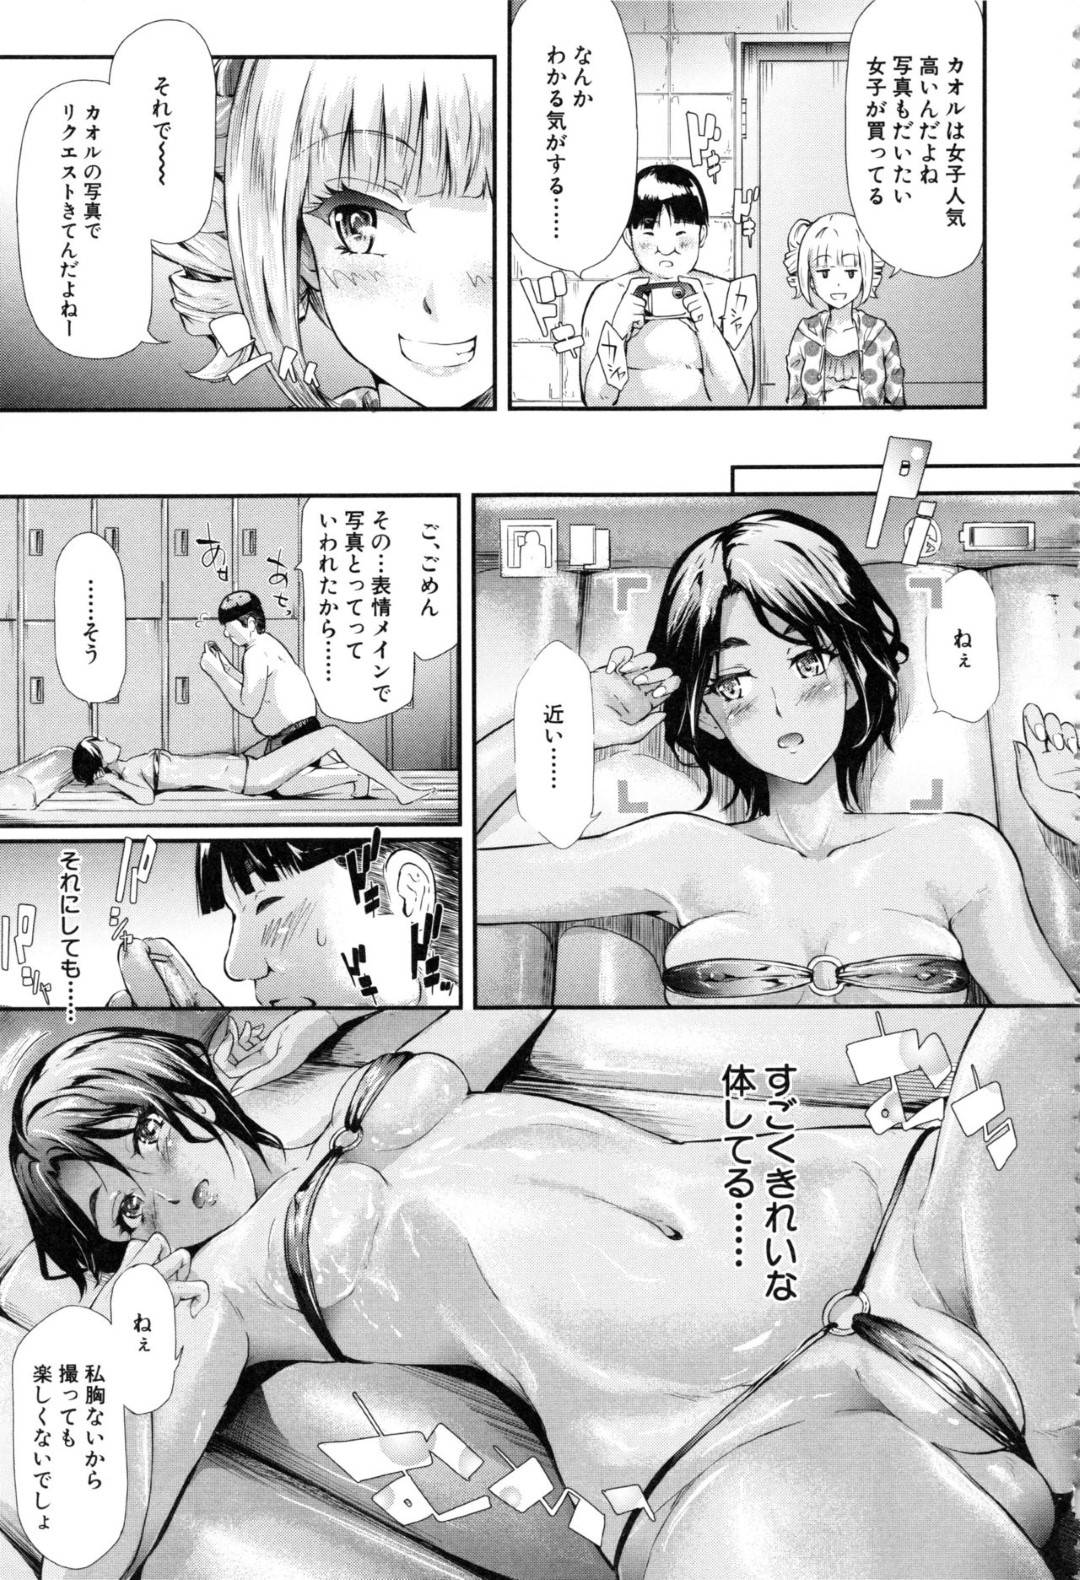 【エロ漫画】エロ水着で誘惑して襲っちゃう美少女たち…逆レイプに中出しセックスしちゃってイチャイチャと集団セックスしちゃう!【史鬼匠人:ギャルと友達はじめました 〈第3話〉】